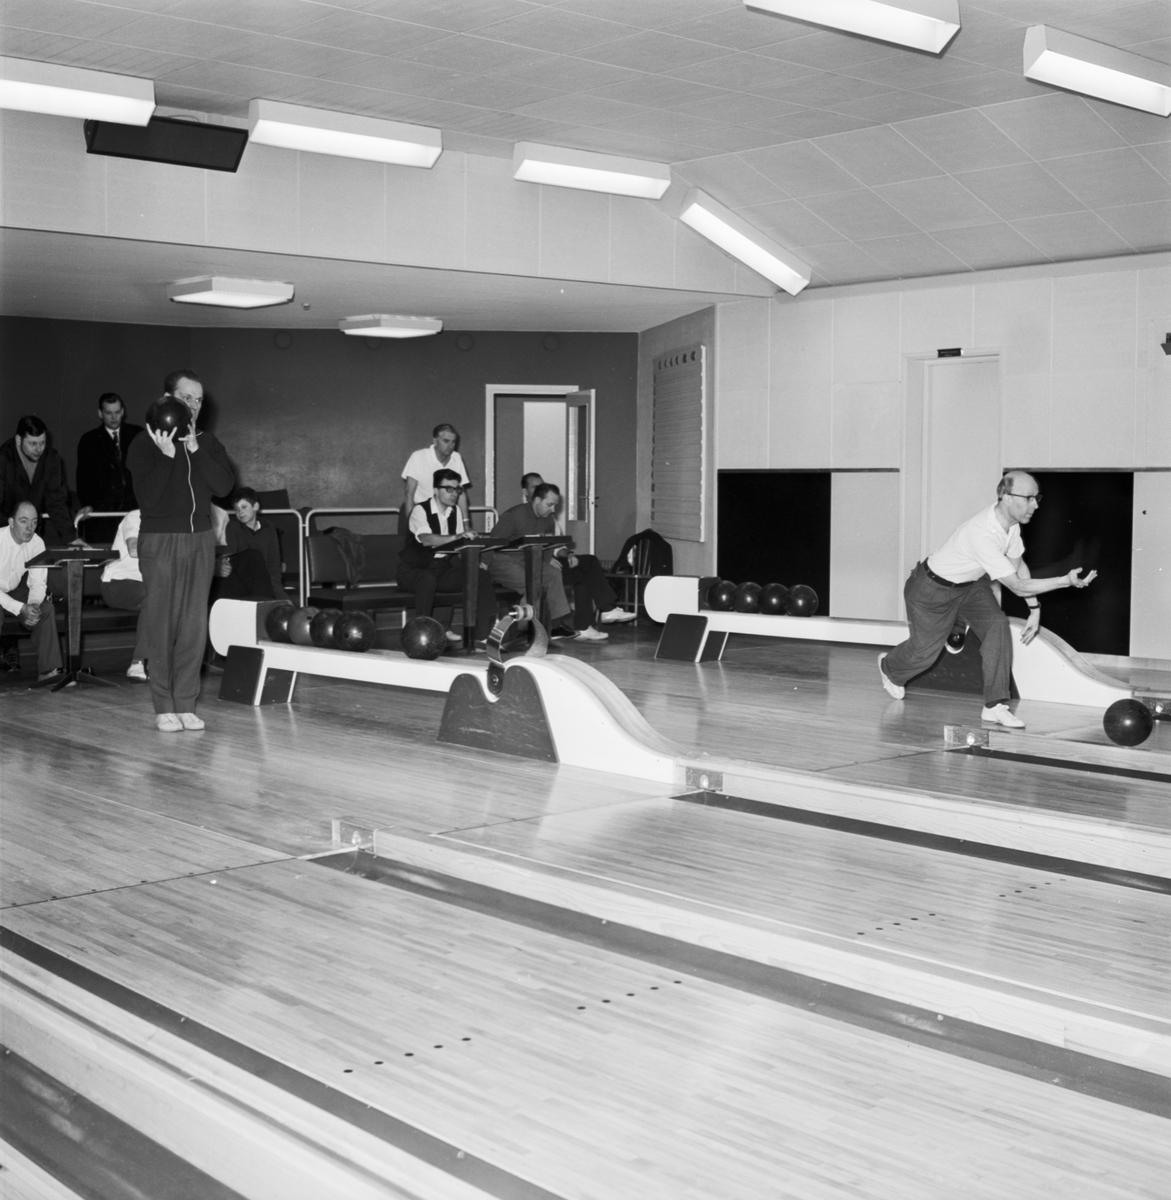 """Övrigt: Foto datum: 15/2 1964 Verkstäder och personal. Bergrummet bowling """"Varvet runt"""""""